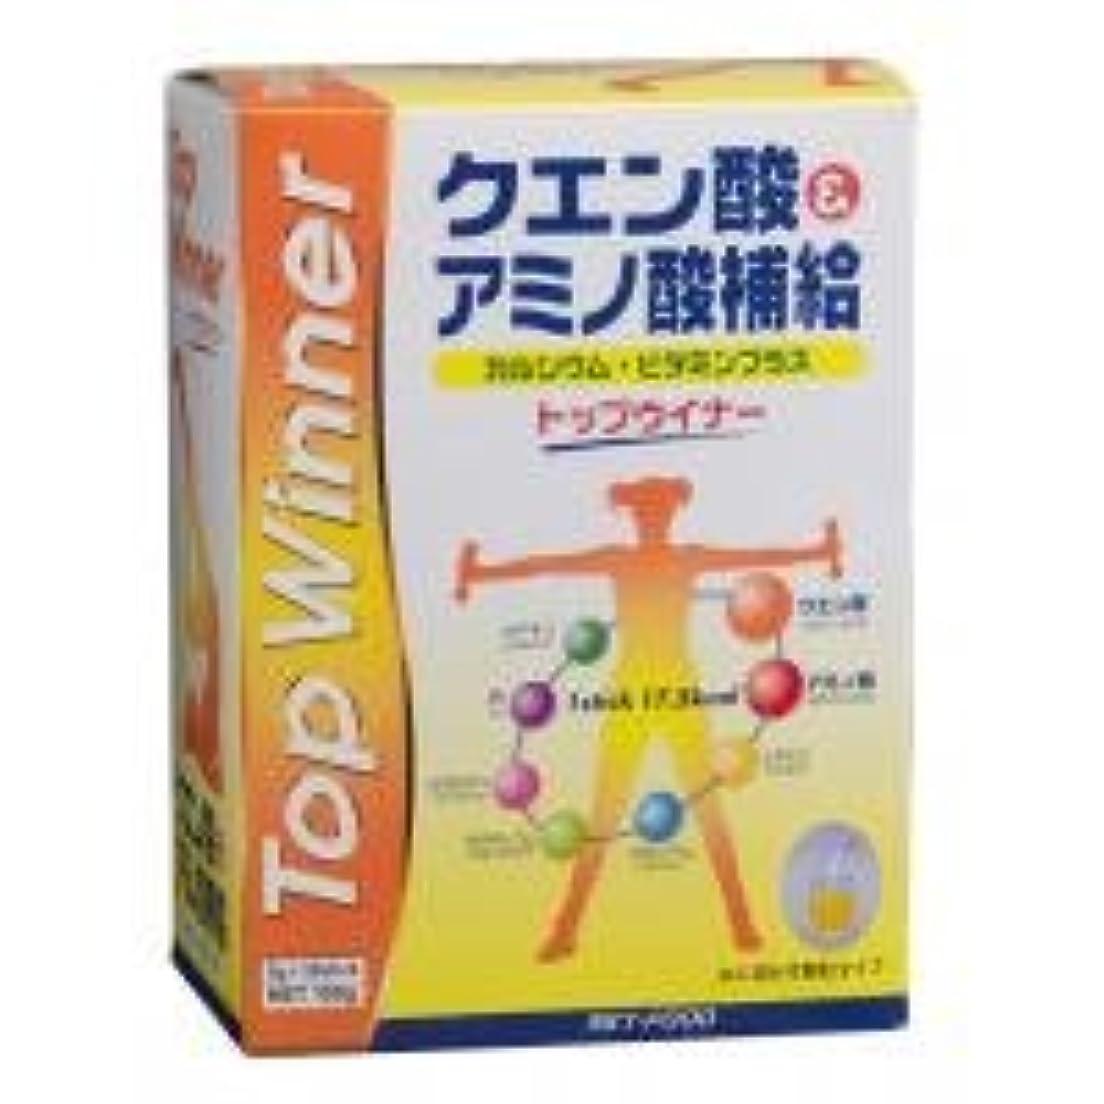 啓発するロデオインデックスクエン酸&アミノ酸補給 トップウィナー 5g×30袋 0834372